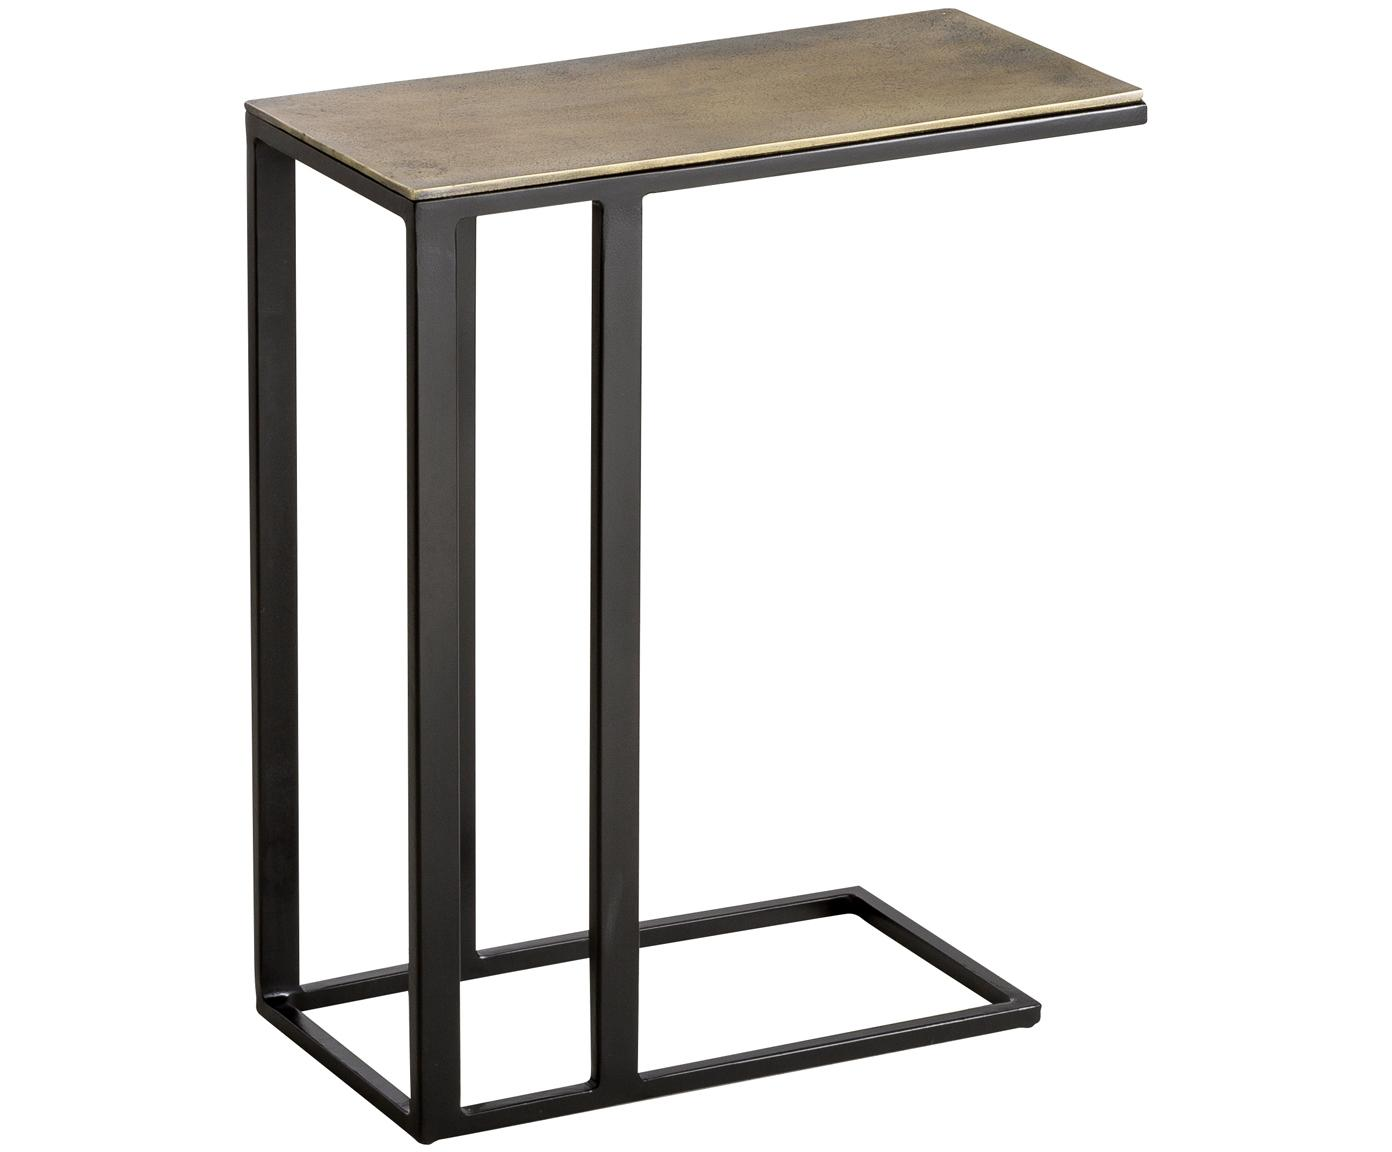 Beistelltisch Edge im Industrial Design, Tischplatte: Metall, beschichtet, Gestell: Metall, pulverbeschichtet, Messing, Schwarz, 43 x 52 cm